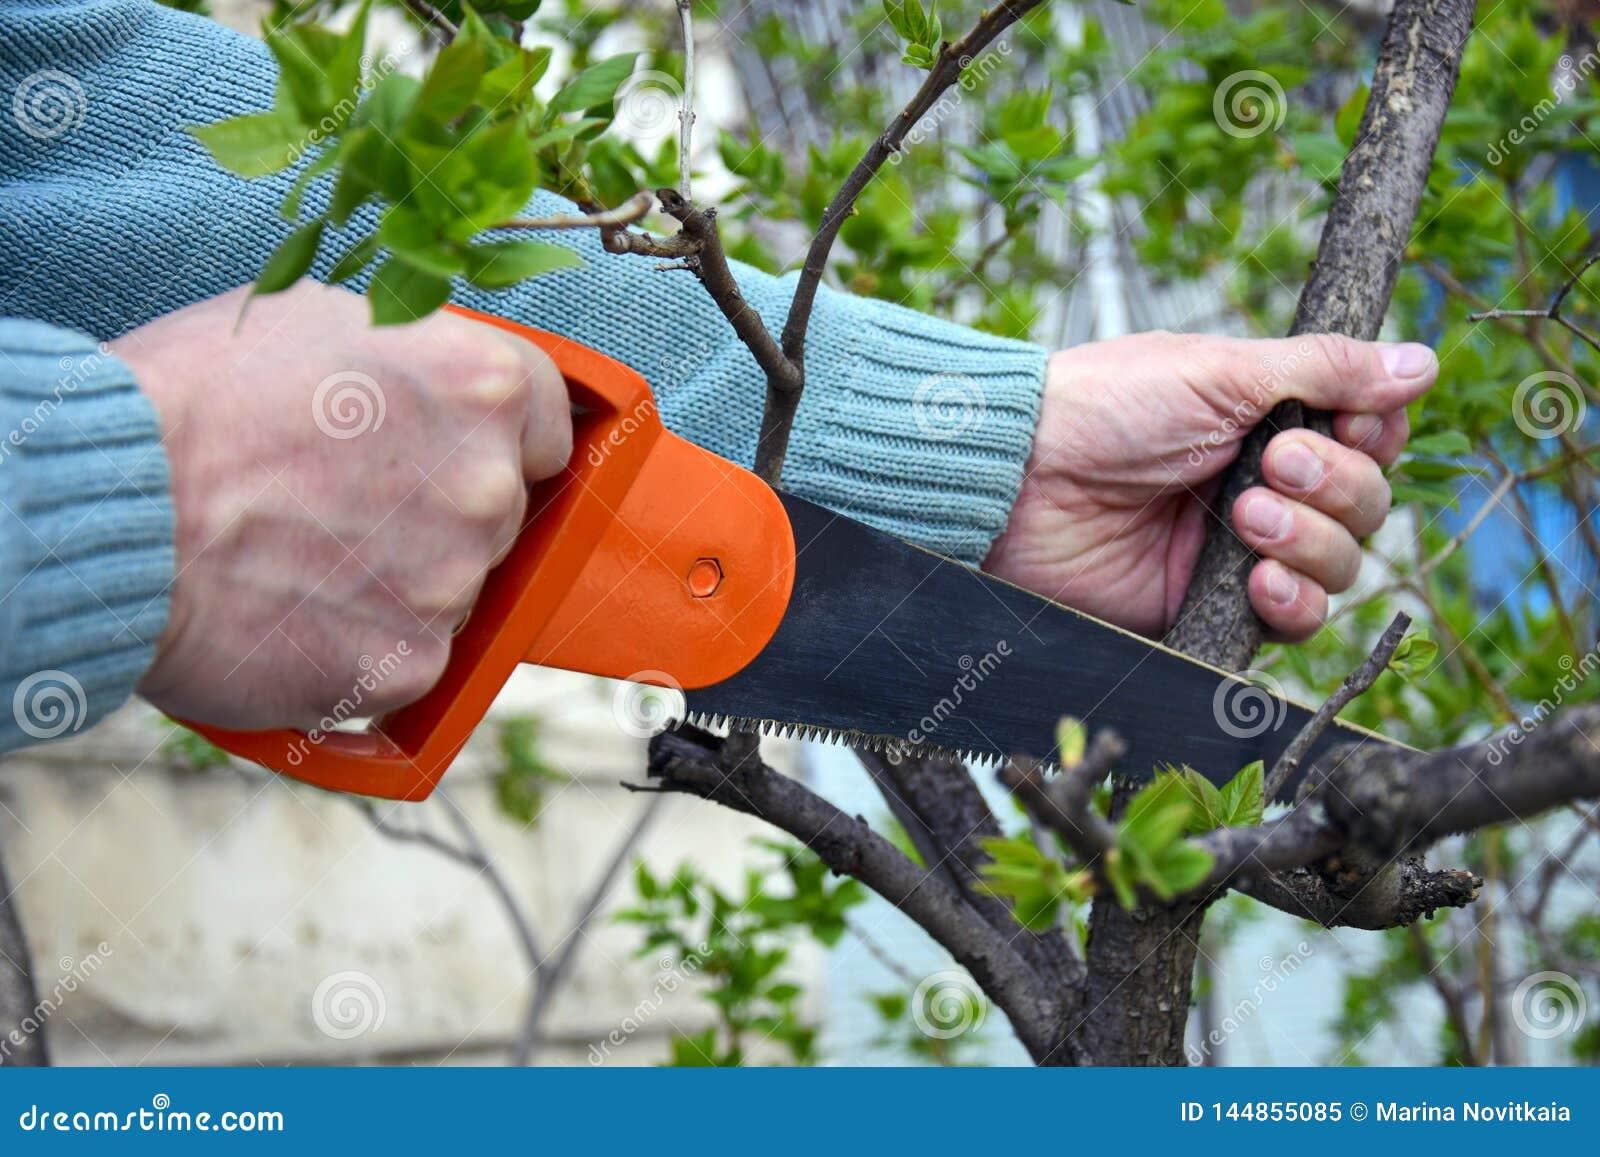 Handzaag op hout in mannelijke handen